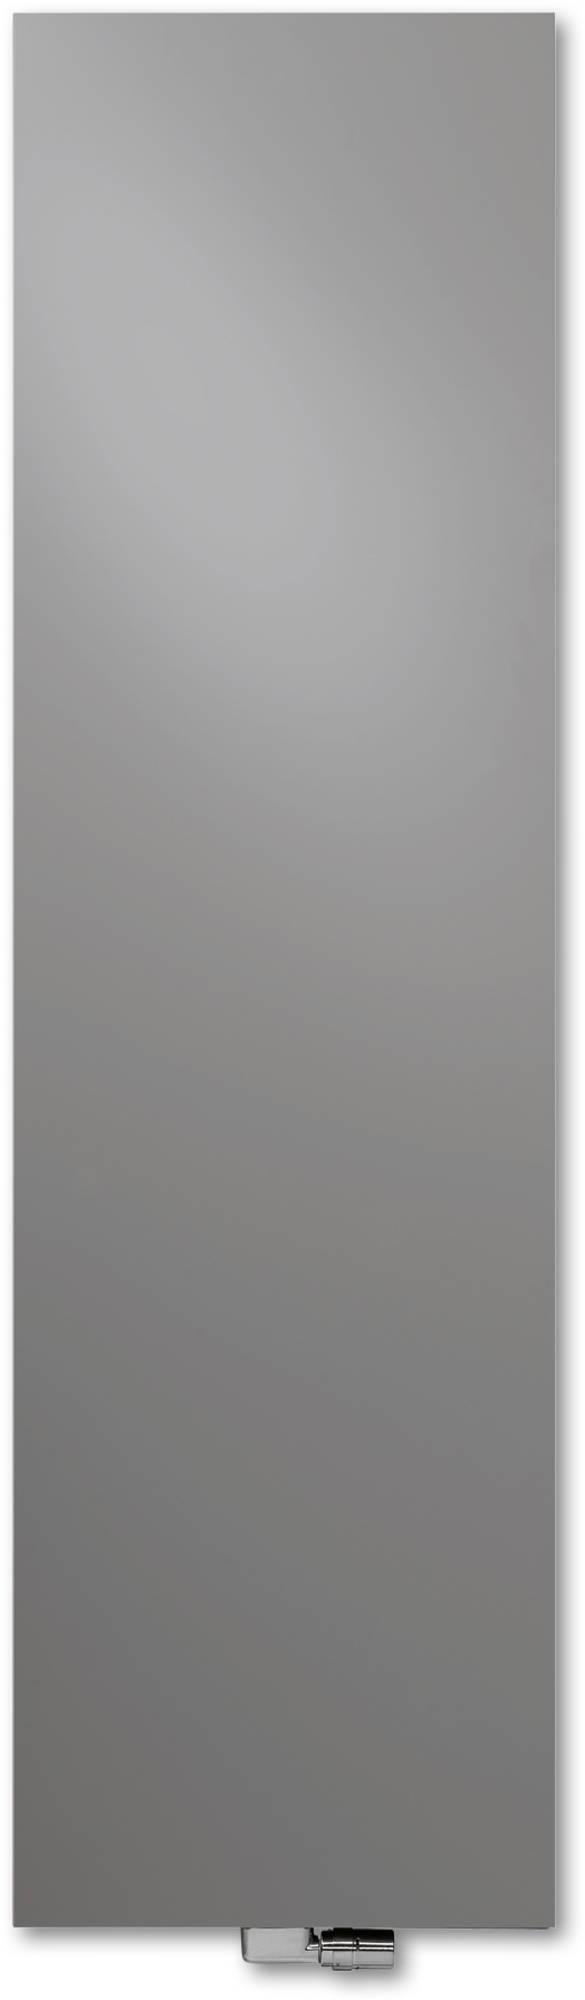 Vasco Niva Verticaal N1L1 Designradiator 182x62 cm Claret Violet